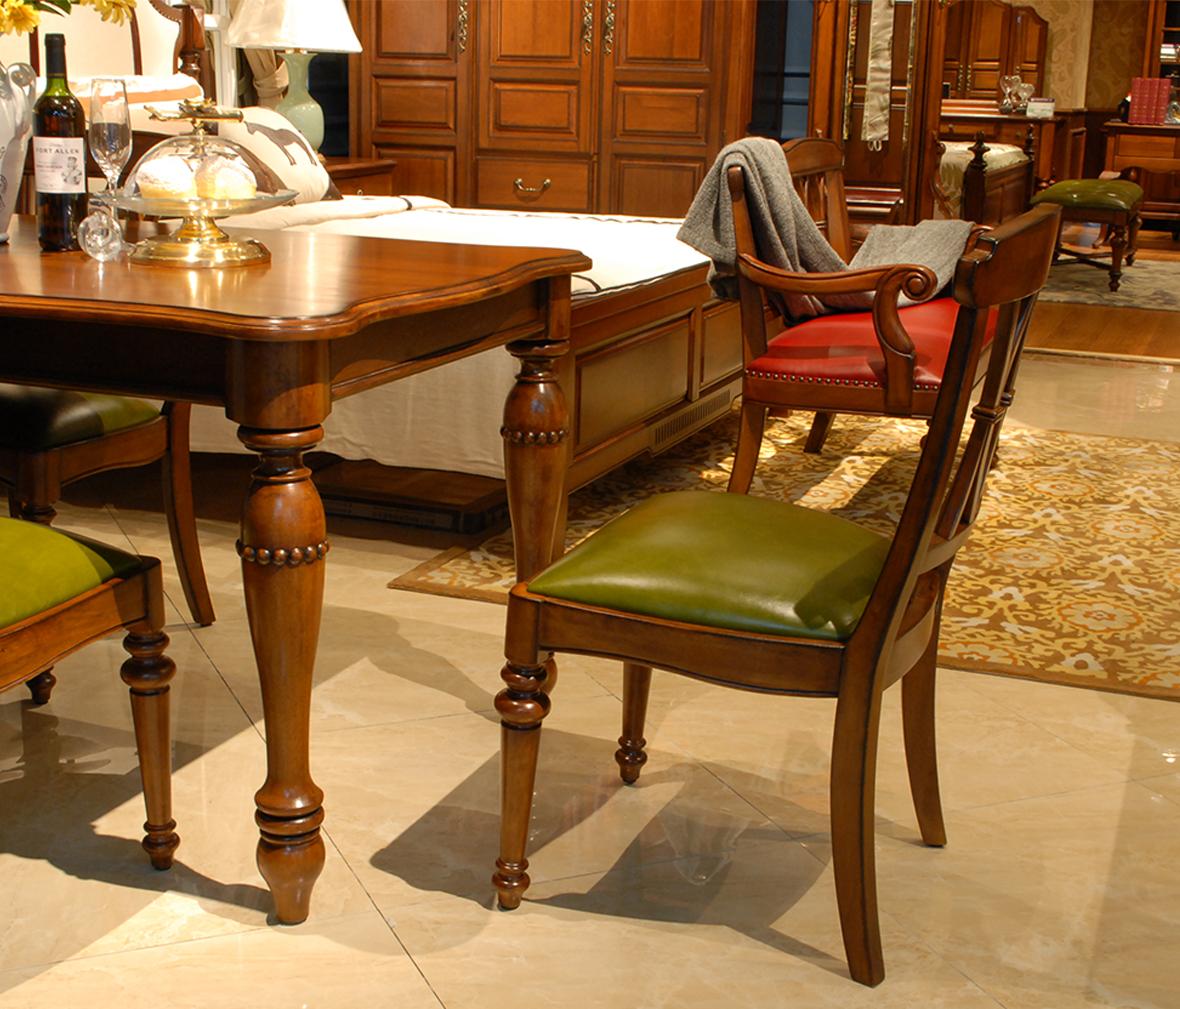 赖氏型号甲醛木家具WJI01乌金纯实木现代简水曲柳吗有餐椅实木家具图片